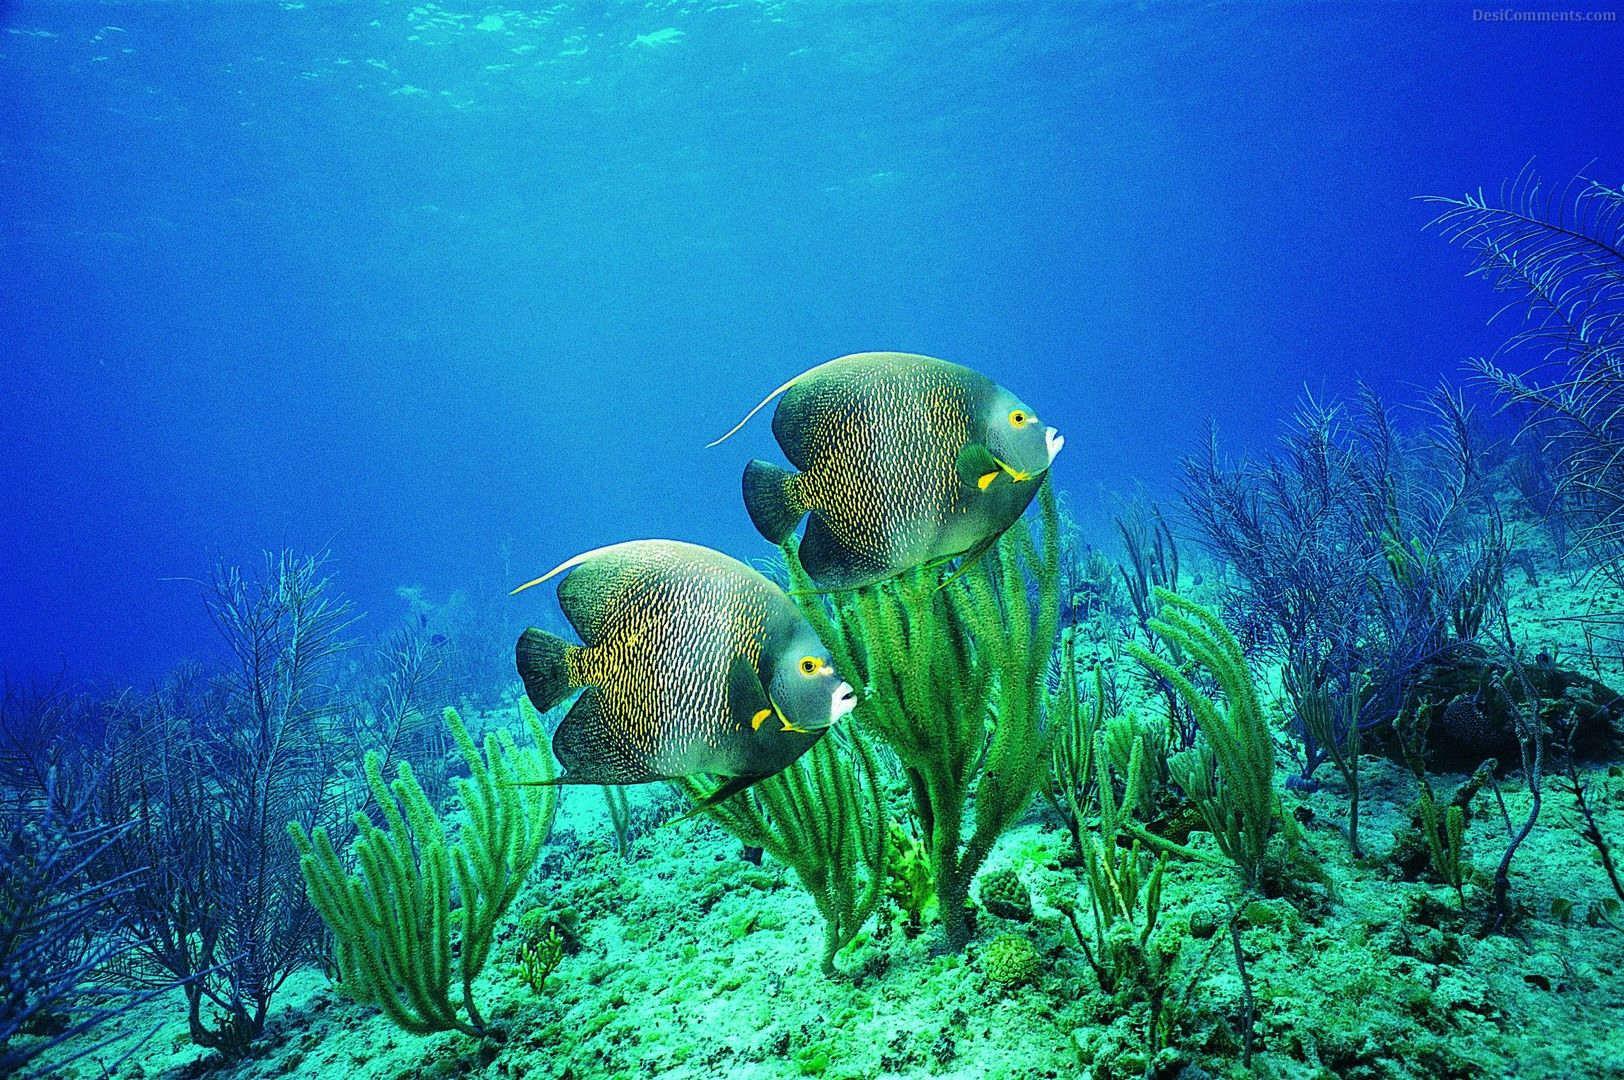 Hd wallpaper underwater - Live Underwater Wallpapers